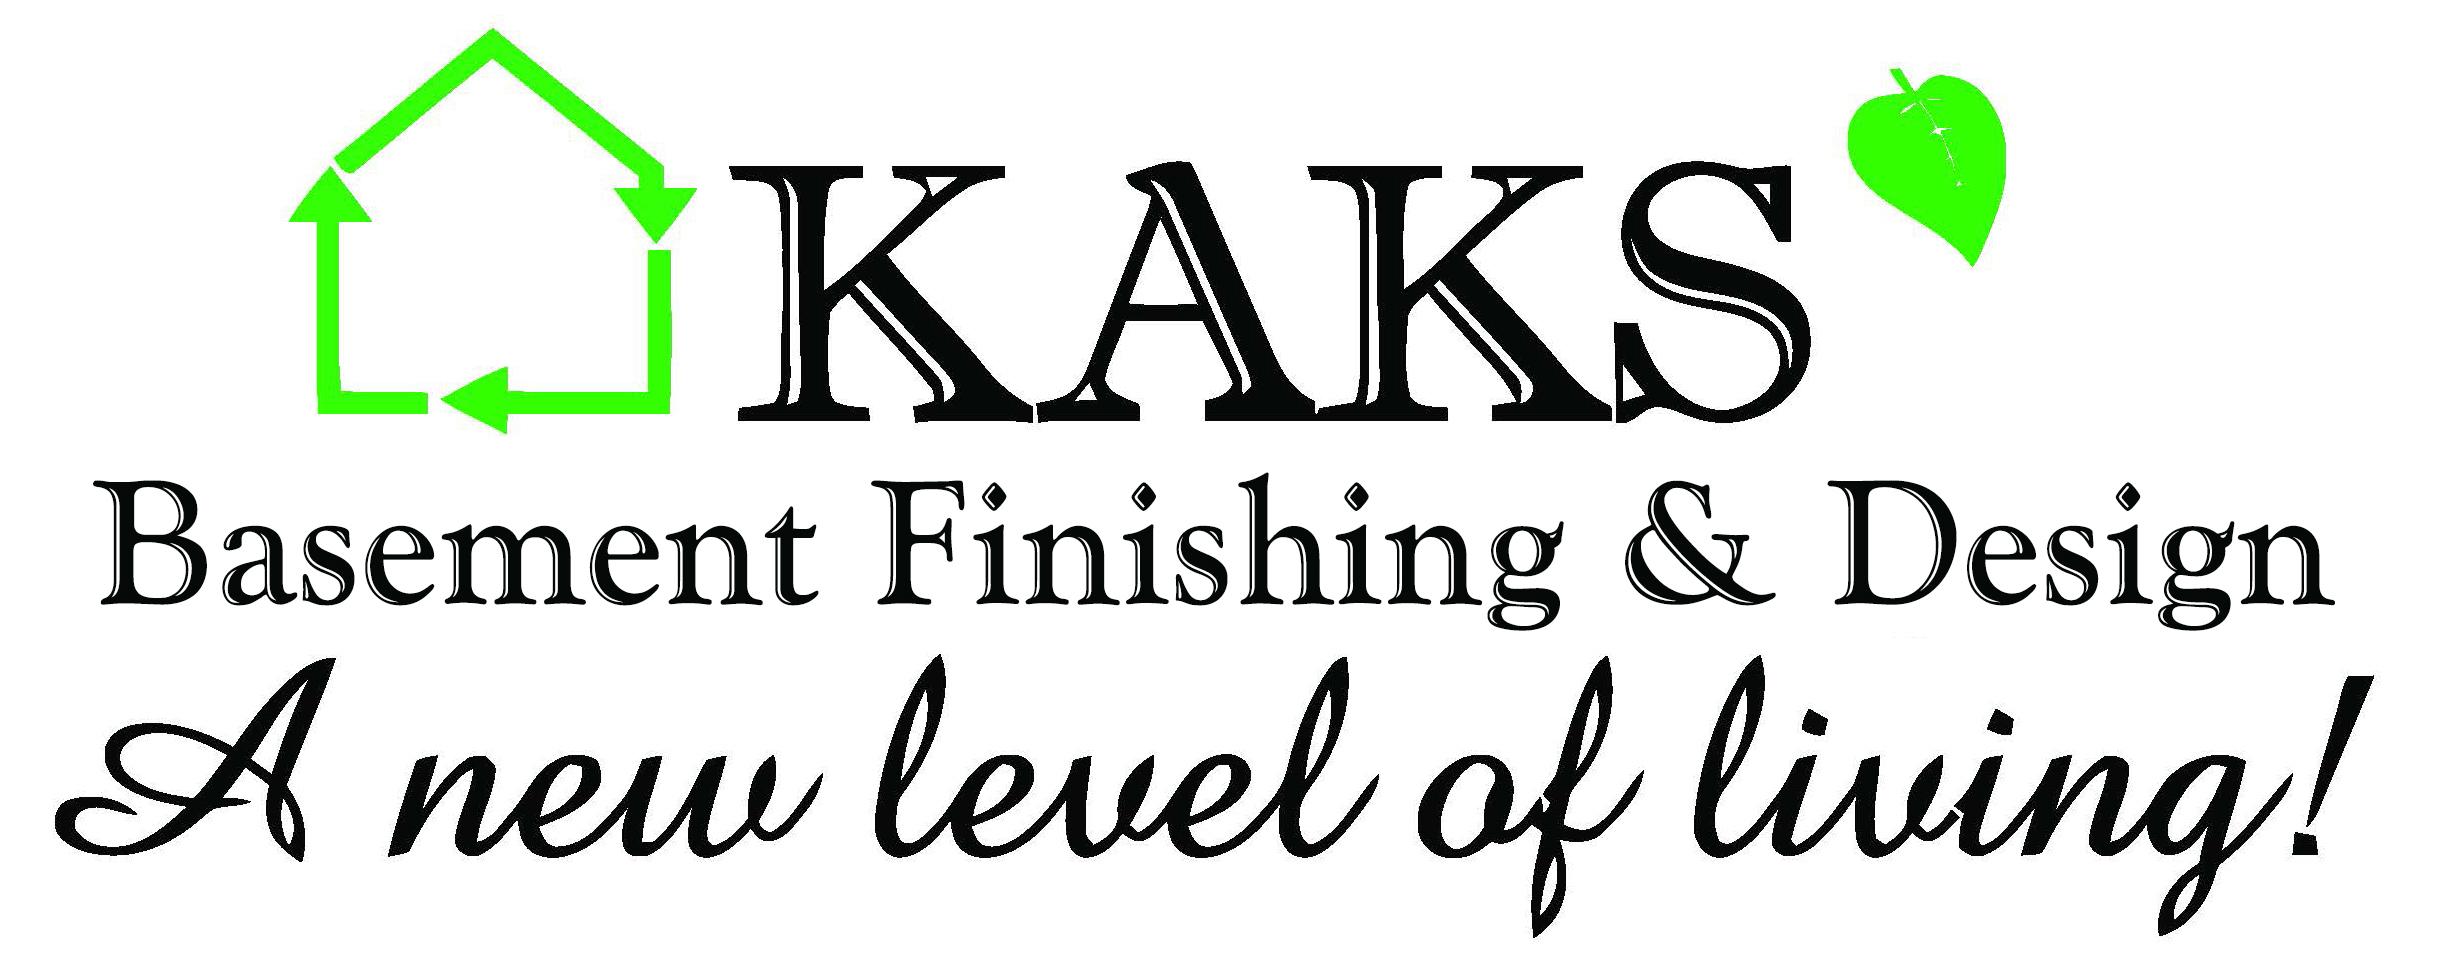 KAKS Basement Finishing & Design